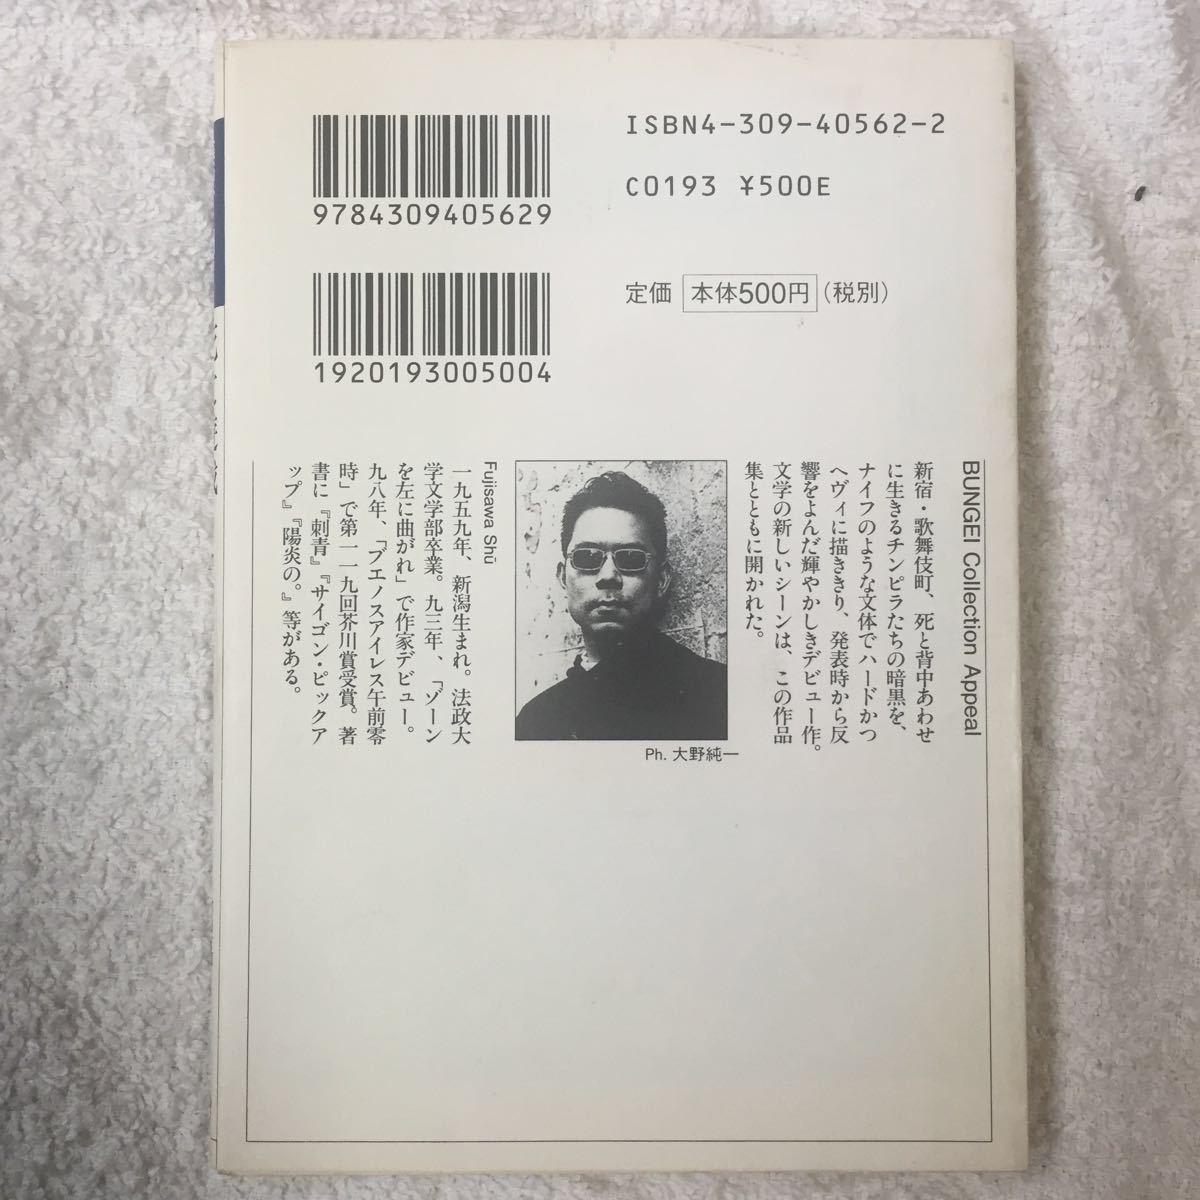 死亡遊戯 (河出文庫文芸コレクション) 藤沢 周 9784309405629_画像2